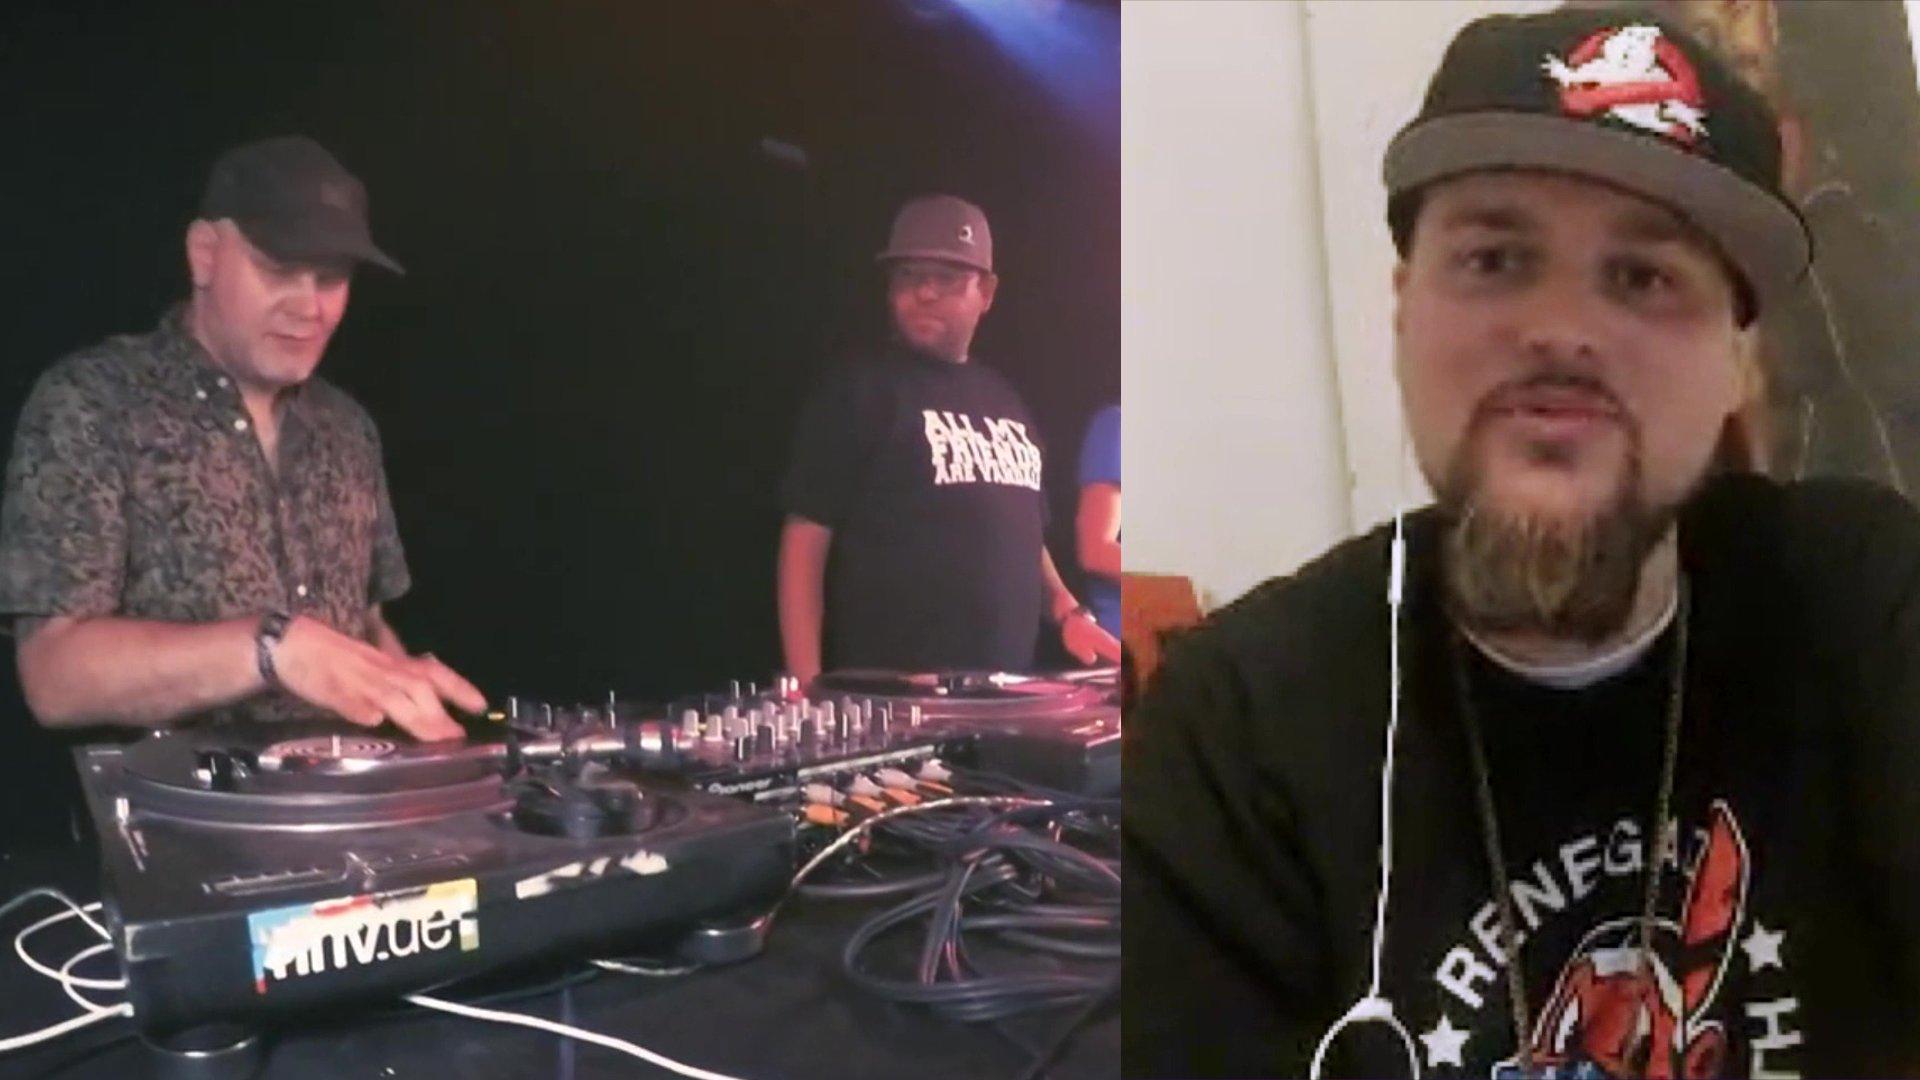 Exoten bei der BTW: Deutschlands erste HipHop-Partei - Die Urbane